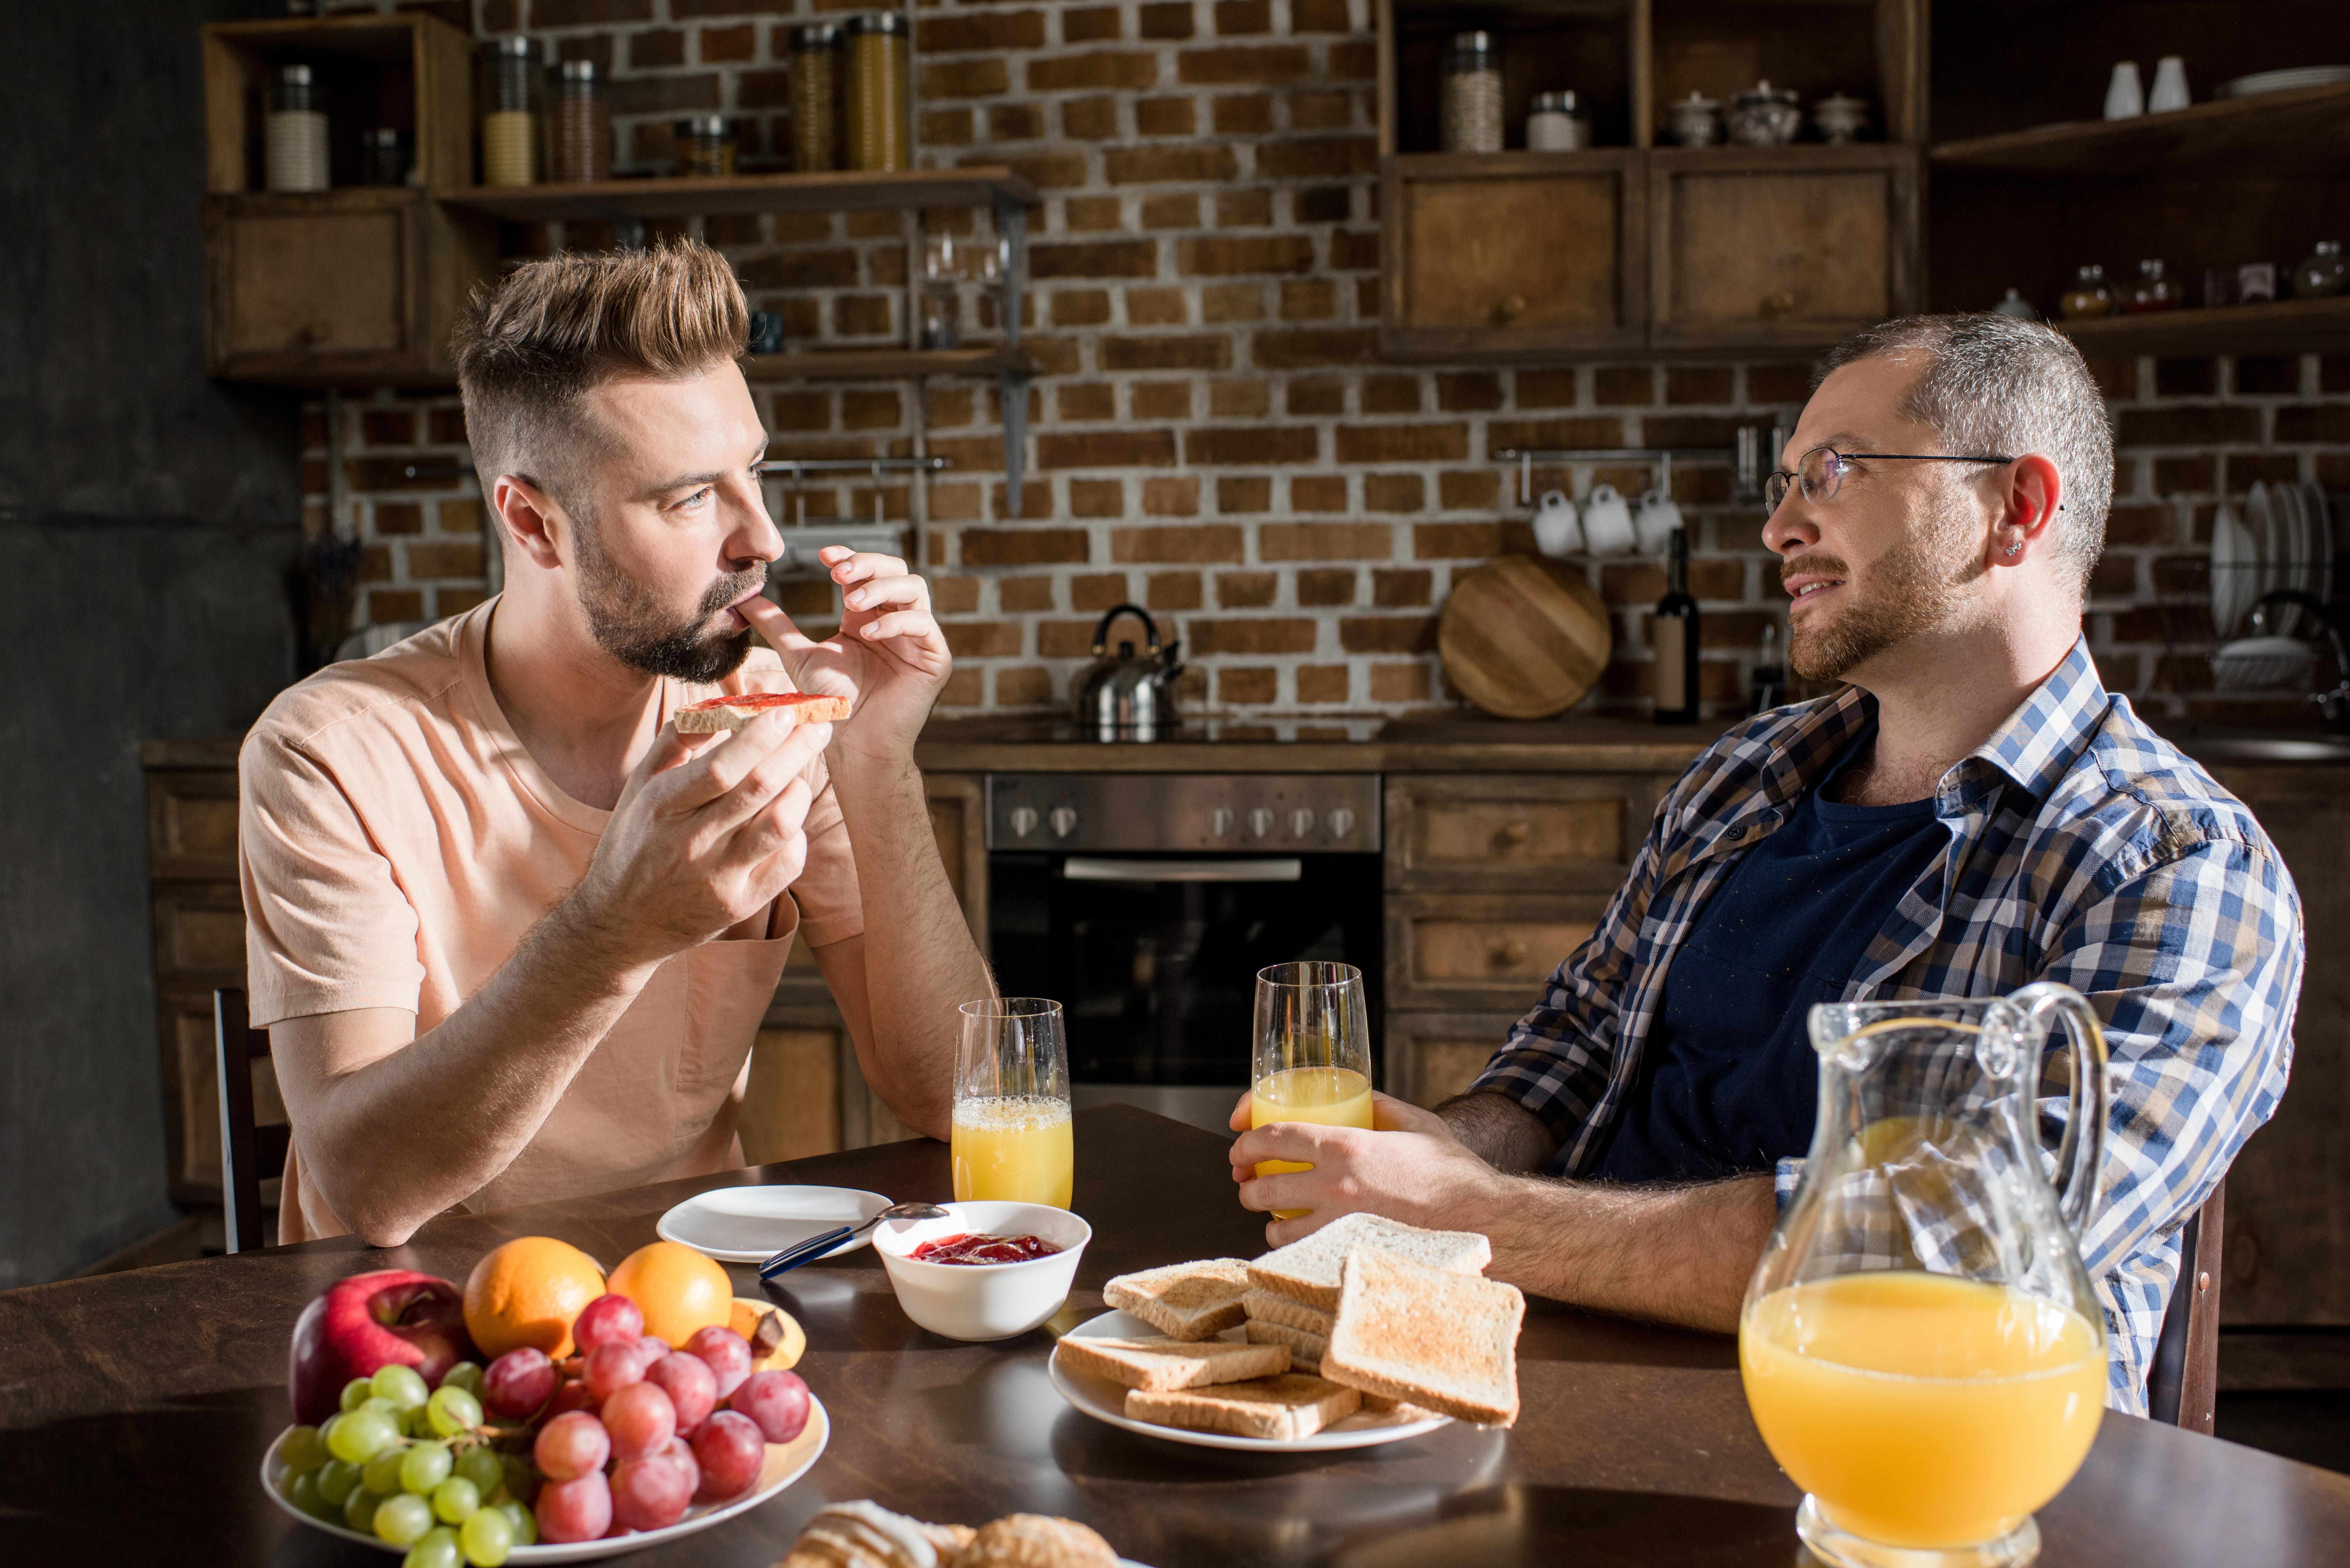 Vad du äter till frukost kan påverka vilka beslut du tar under dagen.